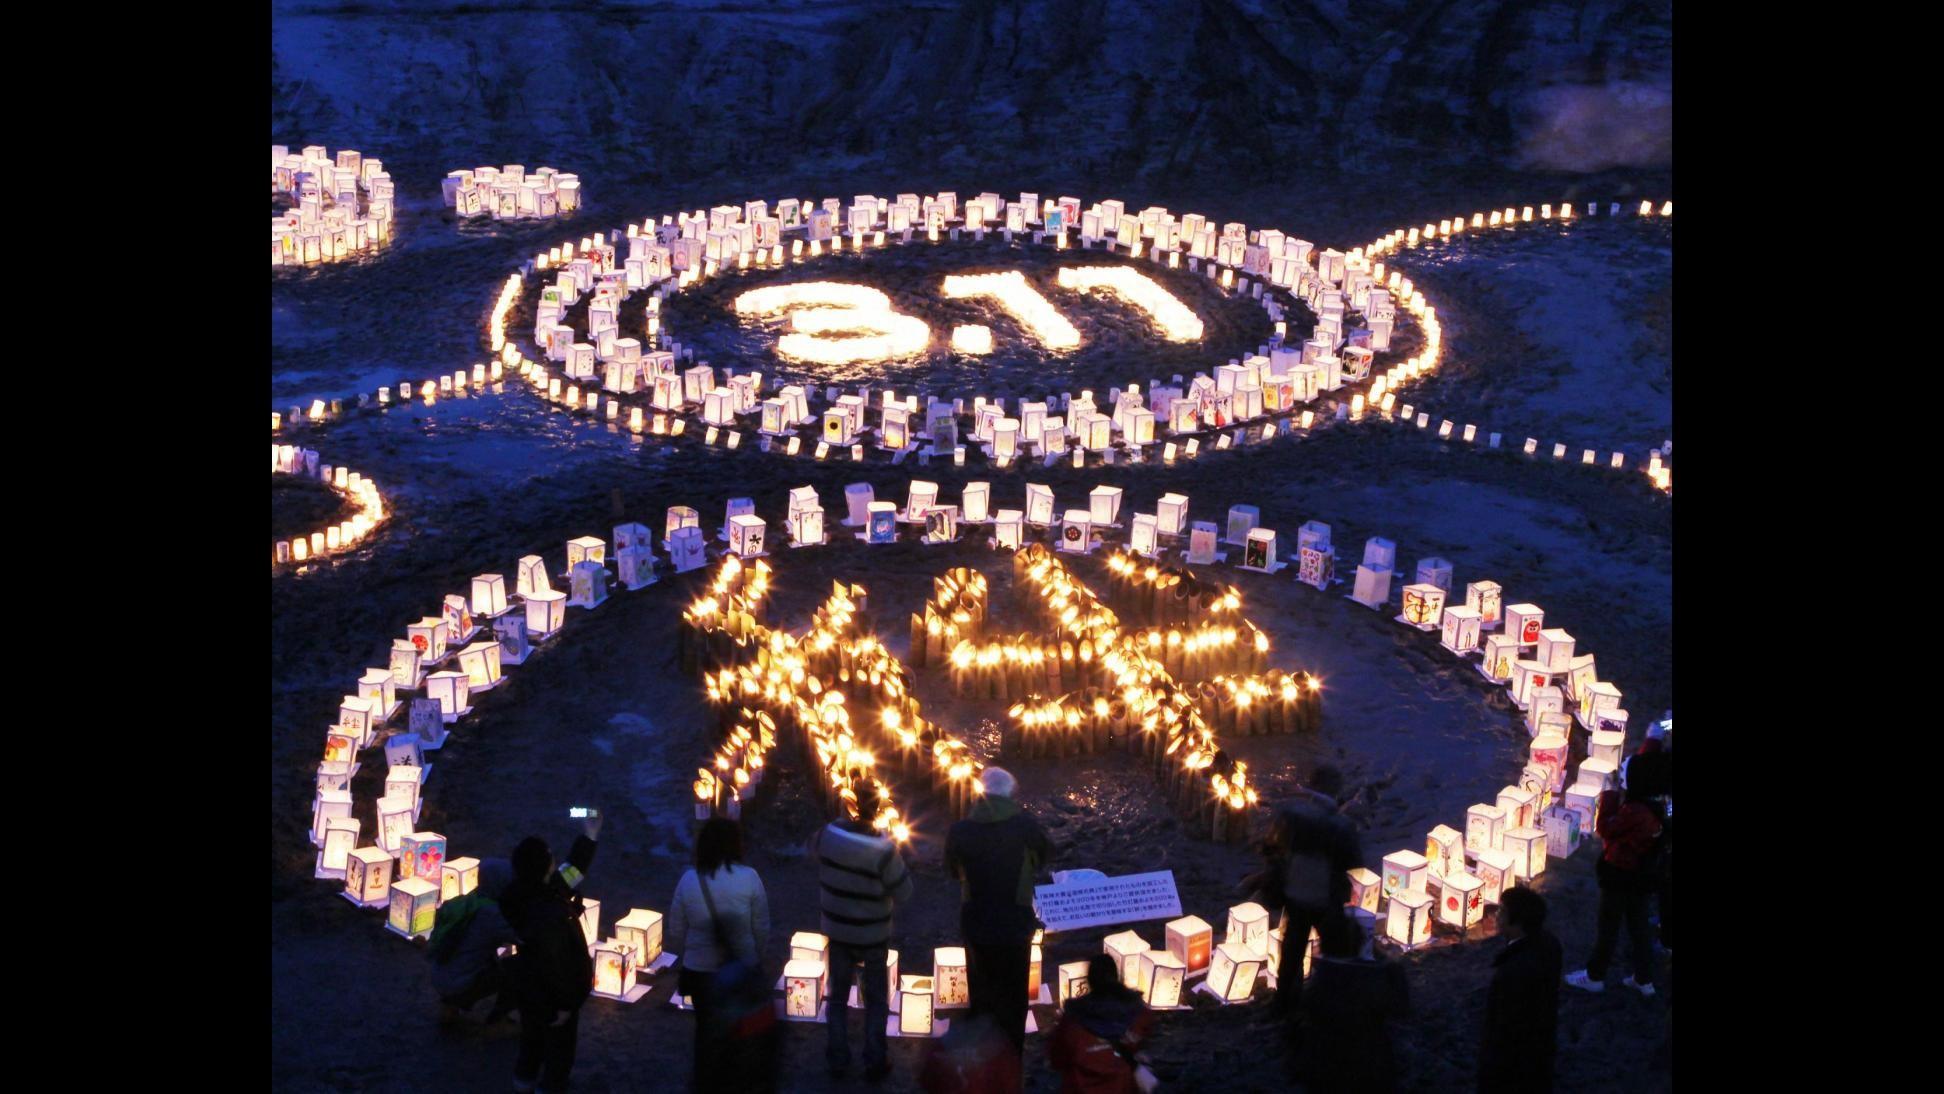 Giappone, scienziati avvertono: Rischio di nuovi terremoti come 2011